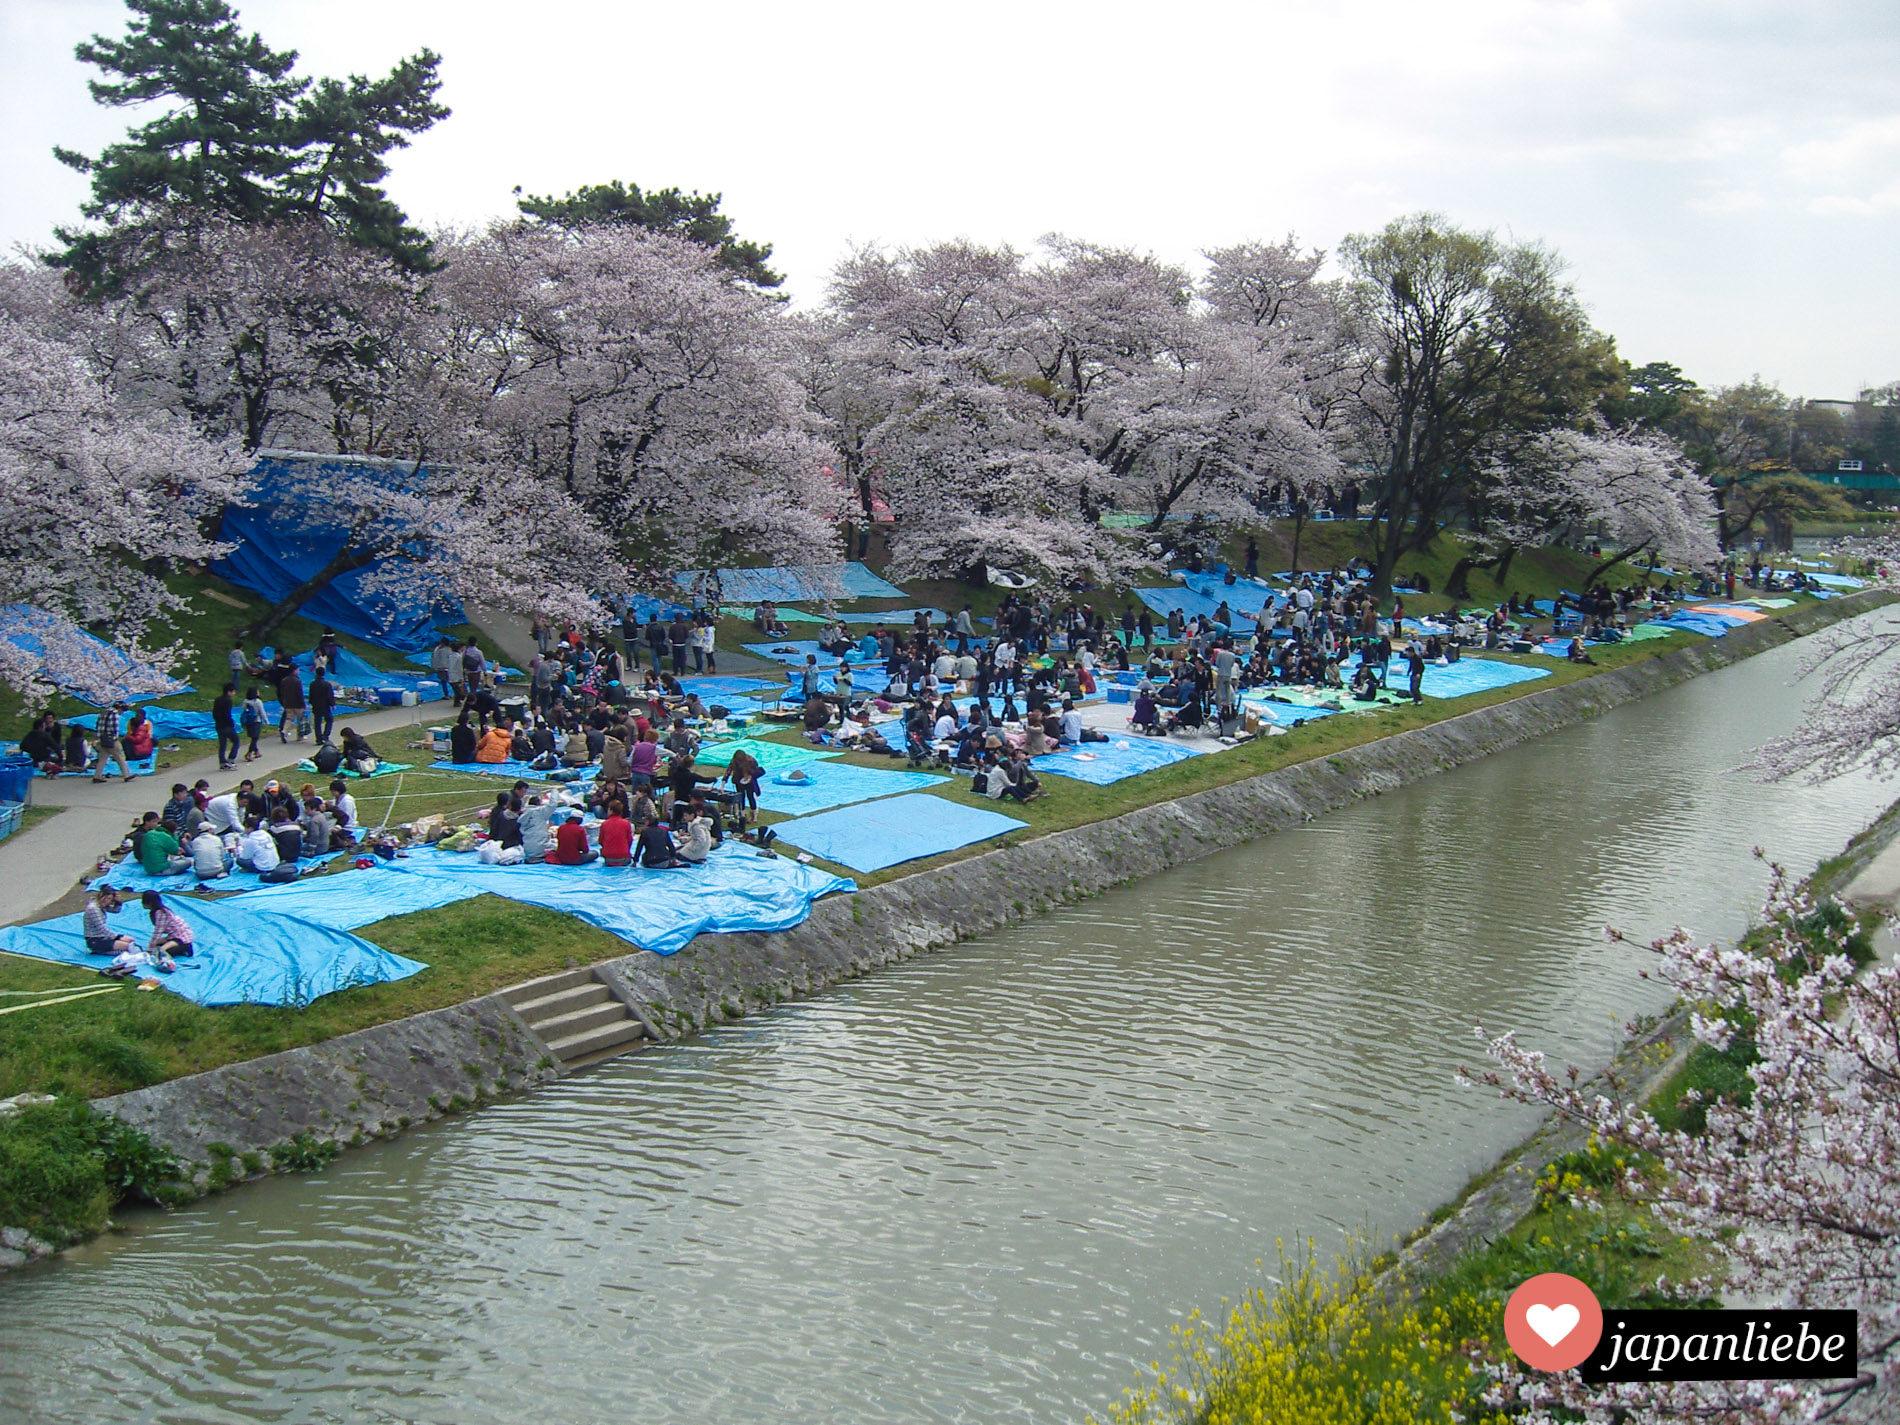 Egal wie hübsch die Kirschblüte ist, Hanami geht nicht ohne häßliche, blaue Plastikplanen.